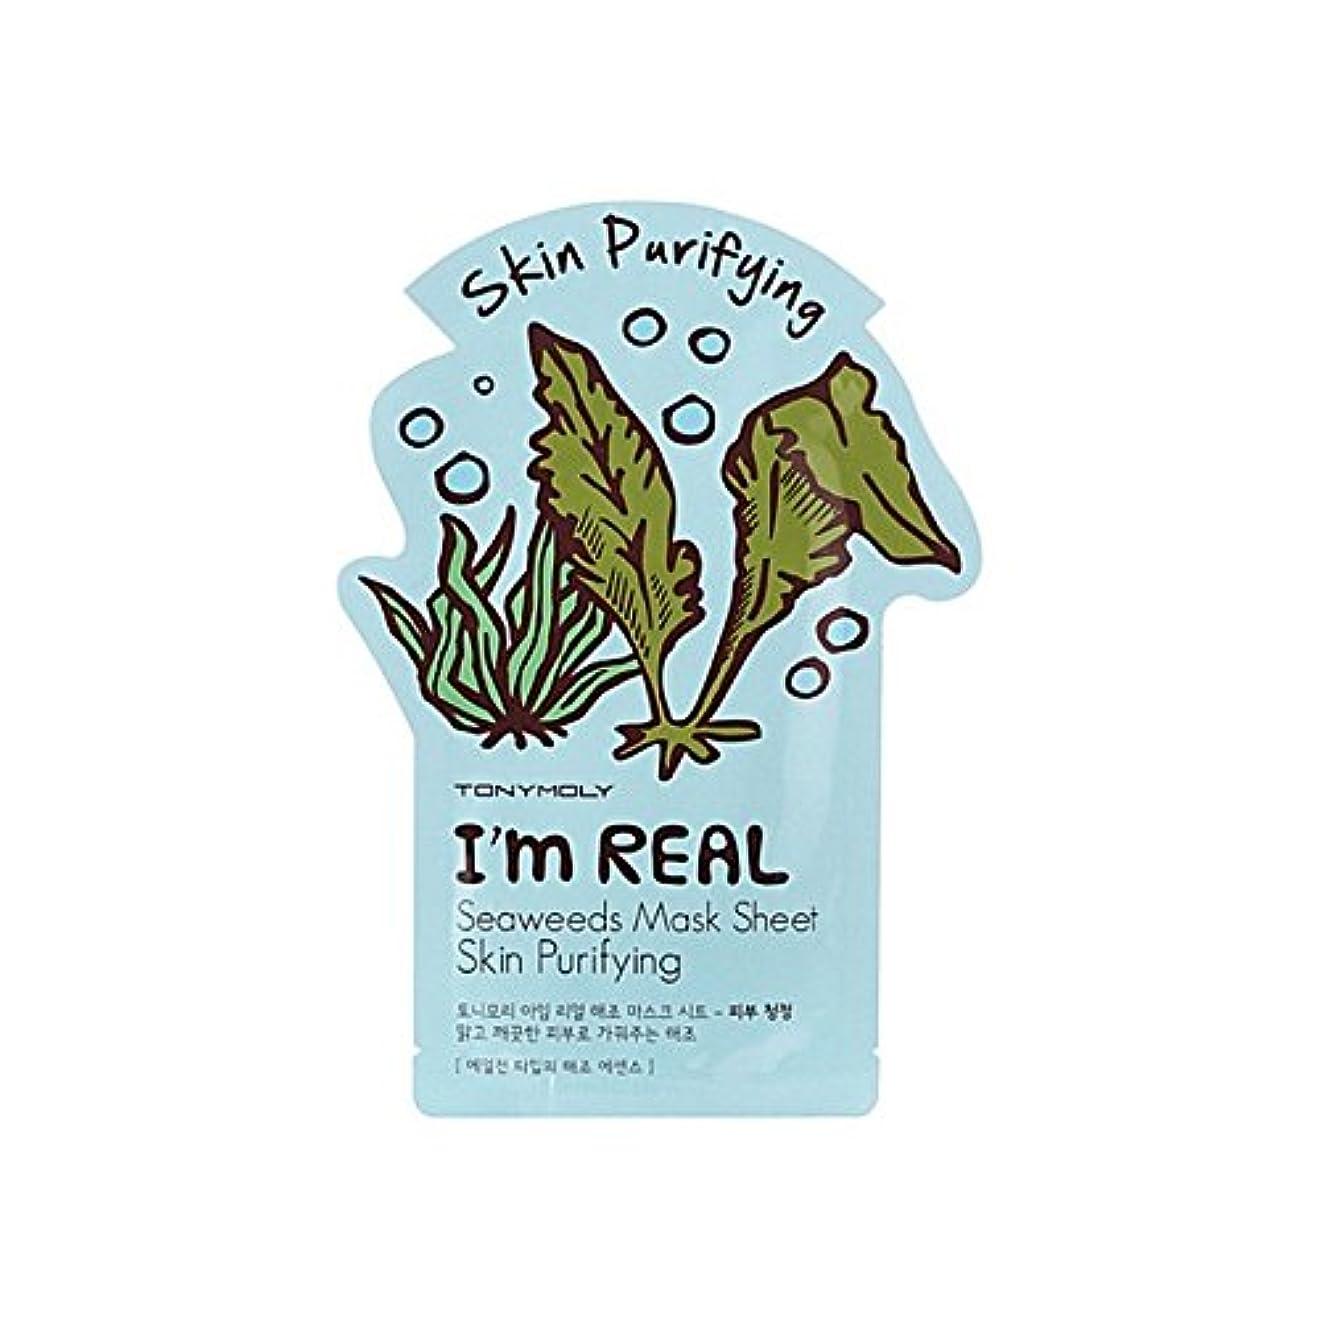 マルコポーロ溶かす温帯トニーモリー私は本当の肌浄化海藻フェイスマスクです x2 - Tony Moly I'M Real Skin Purifying Seaweed Face Mask (Pack of 2) [並行輸入品]